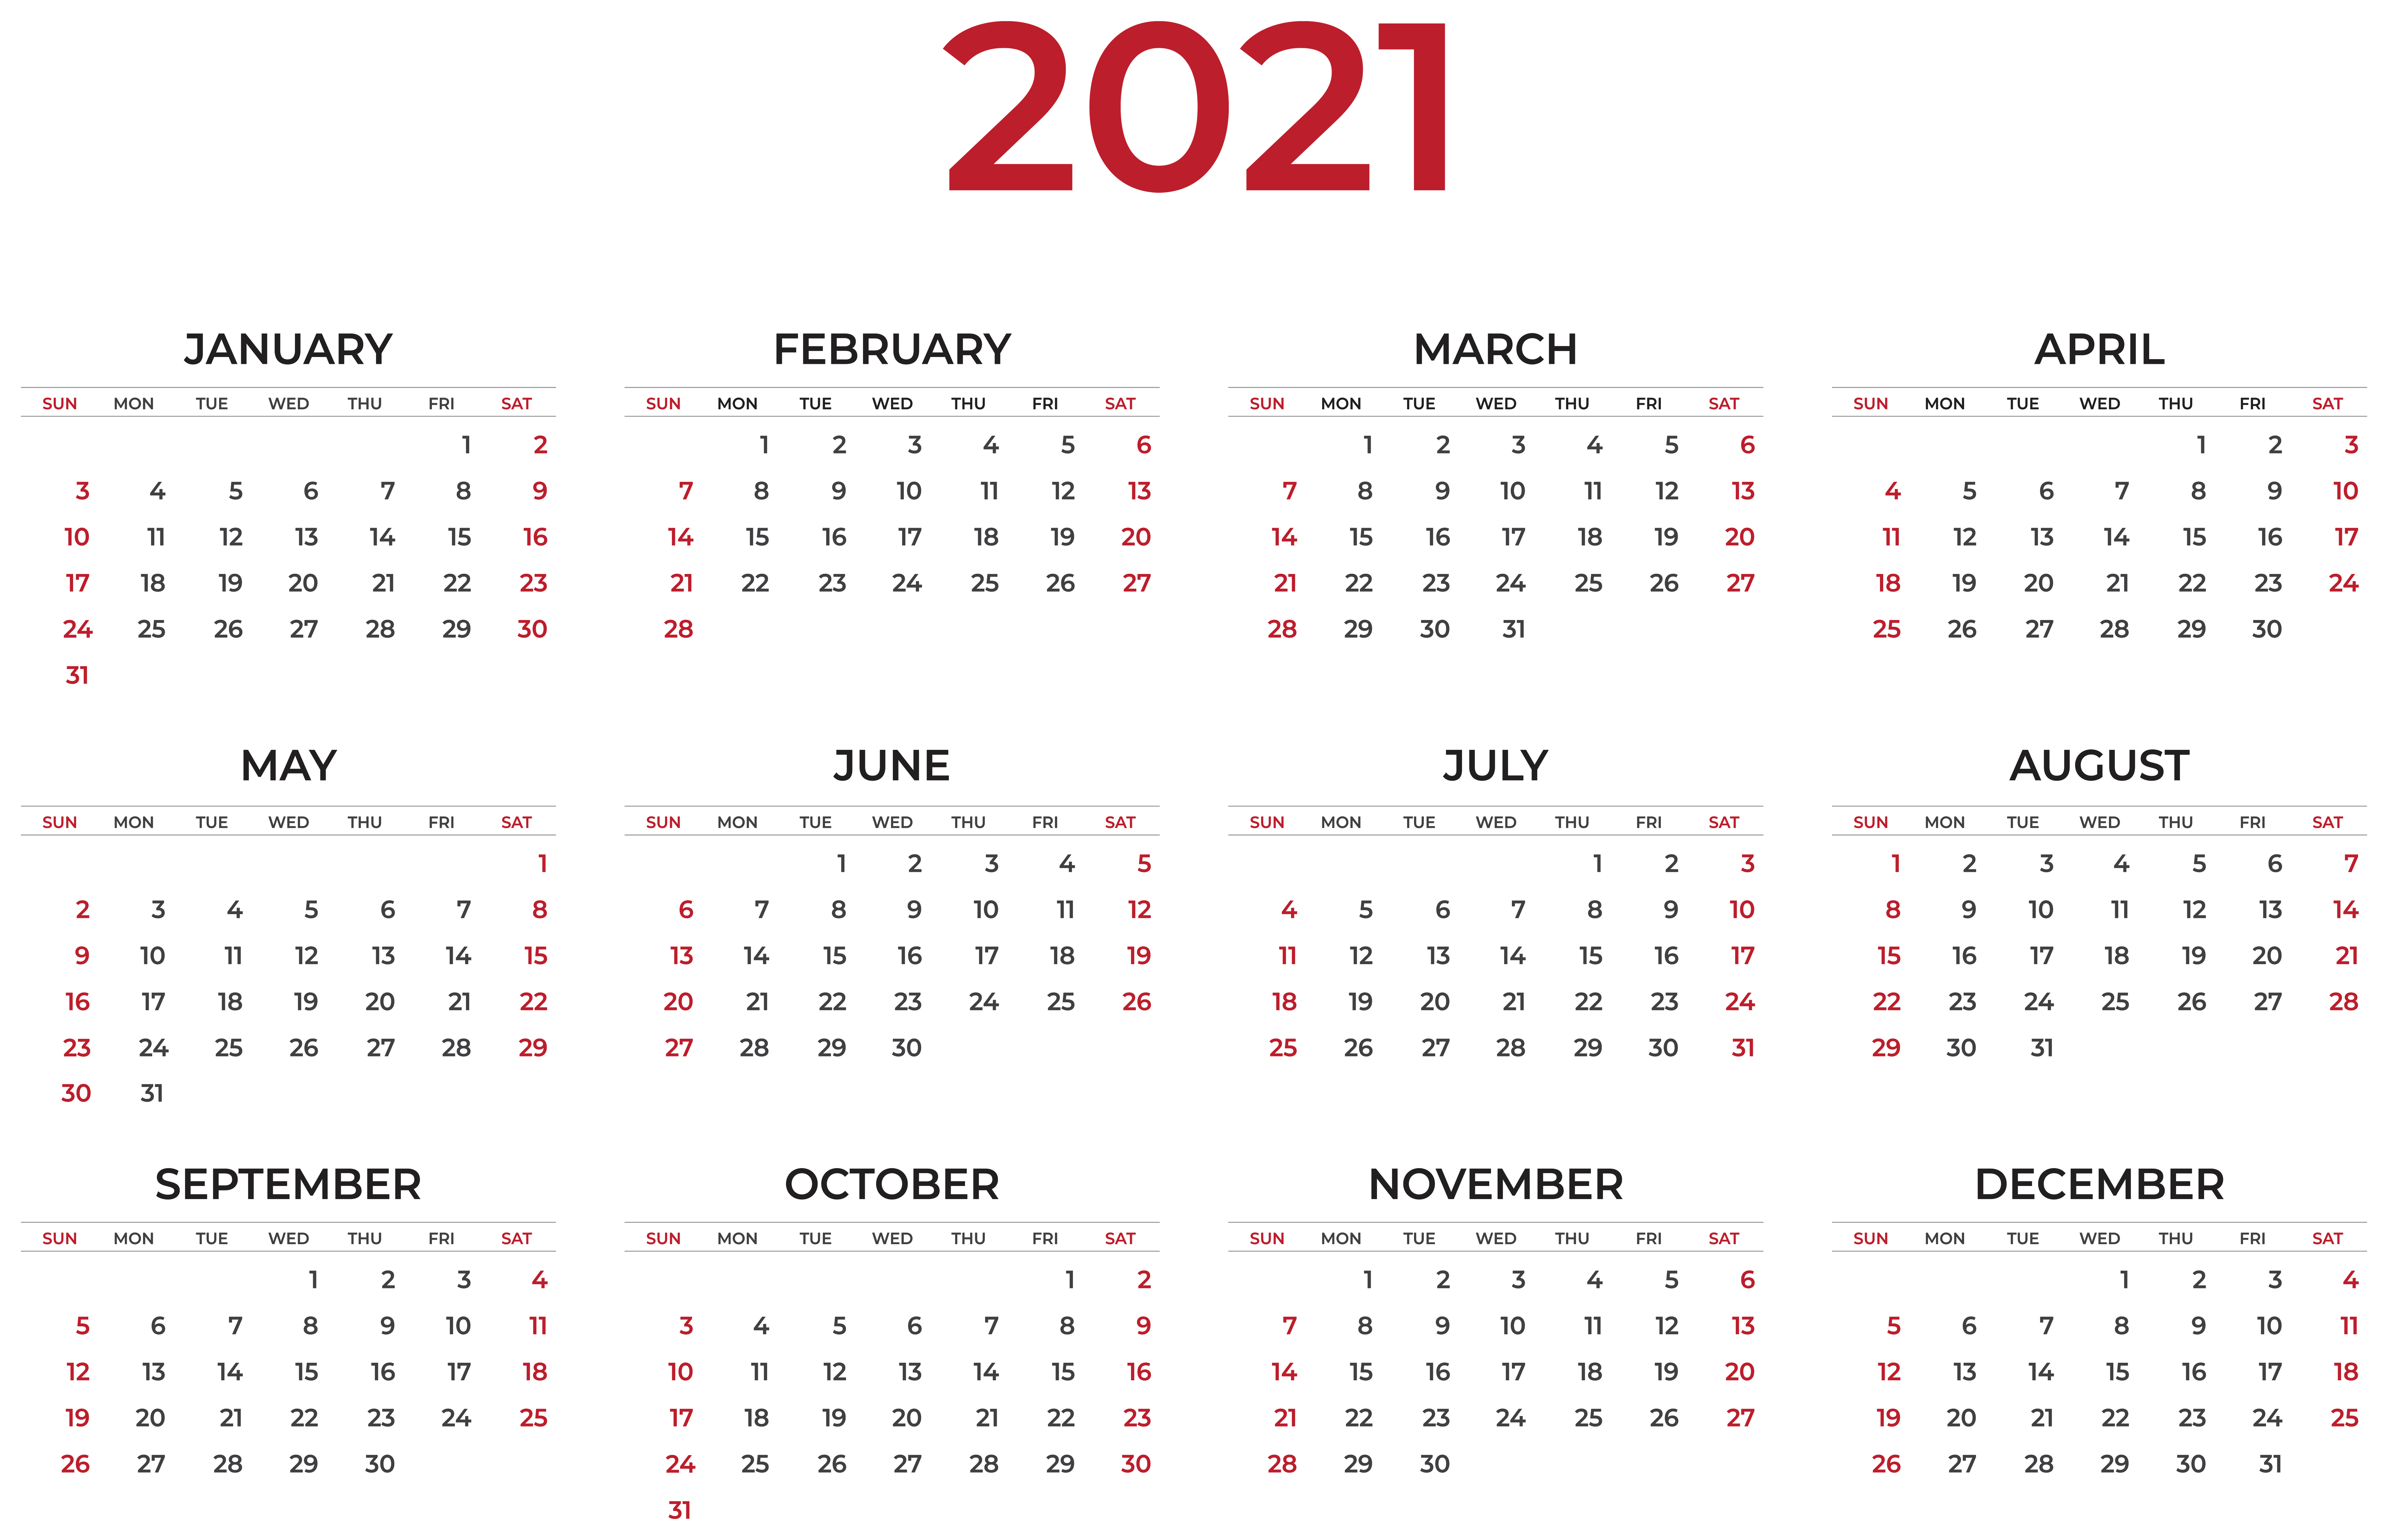 2021 Calendar Wallpapers   Top 2021 Calendar Backgrounds 8000x5159